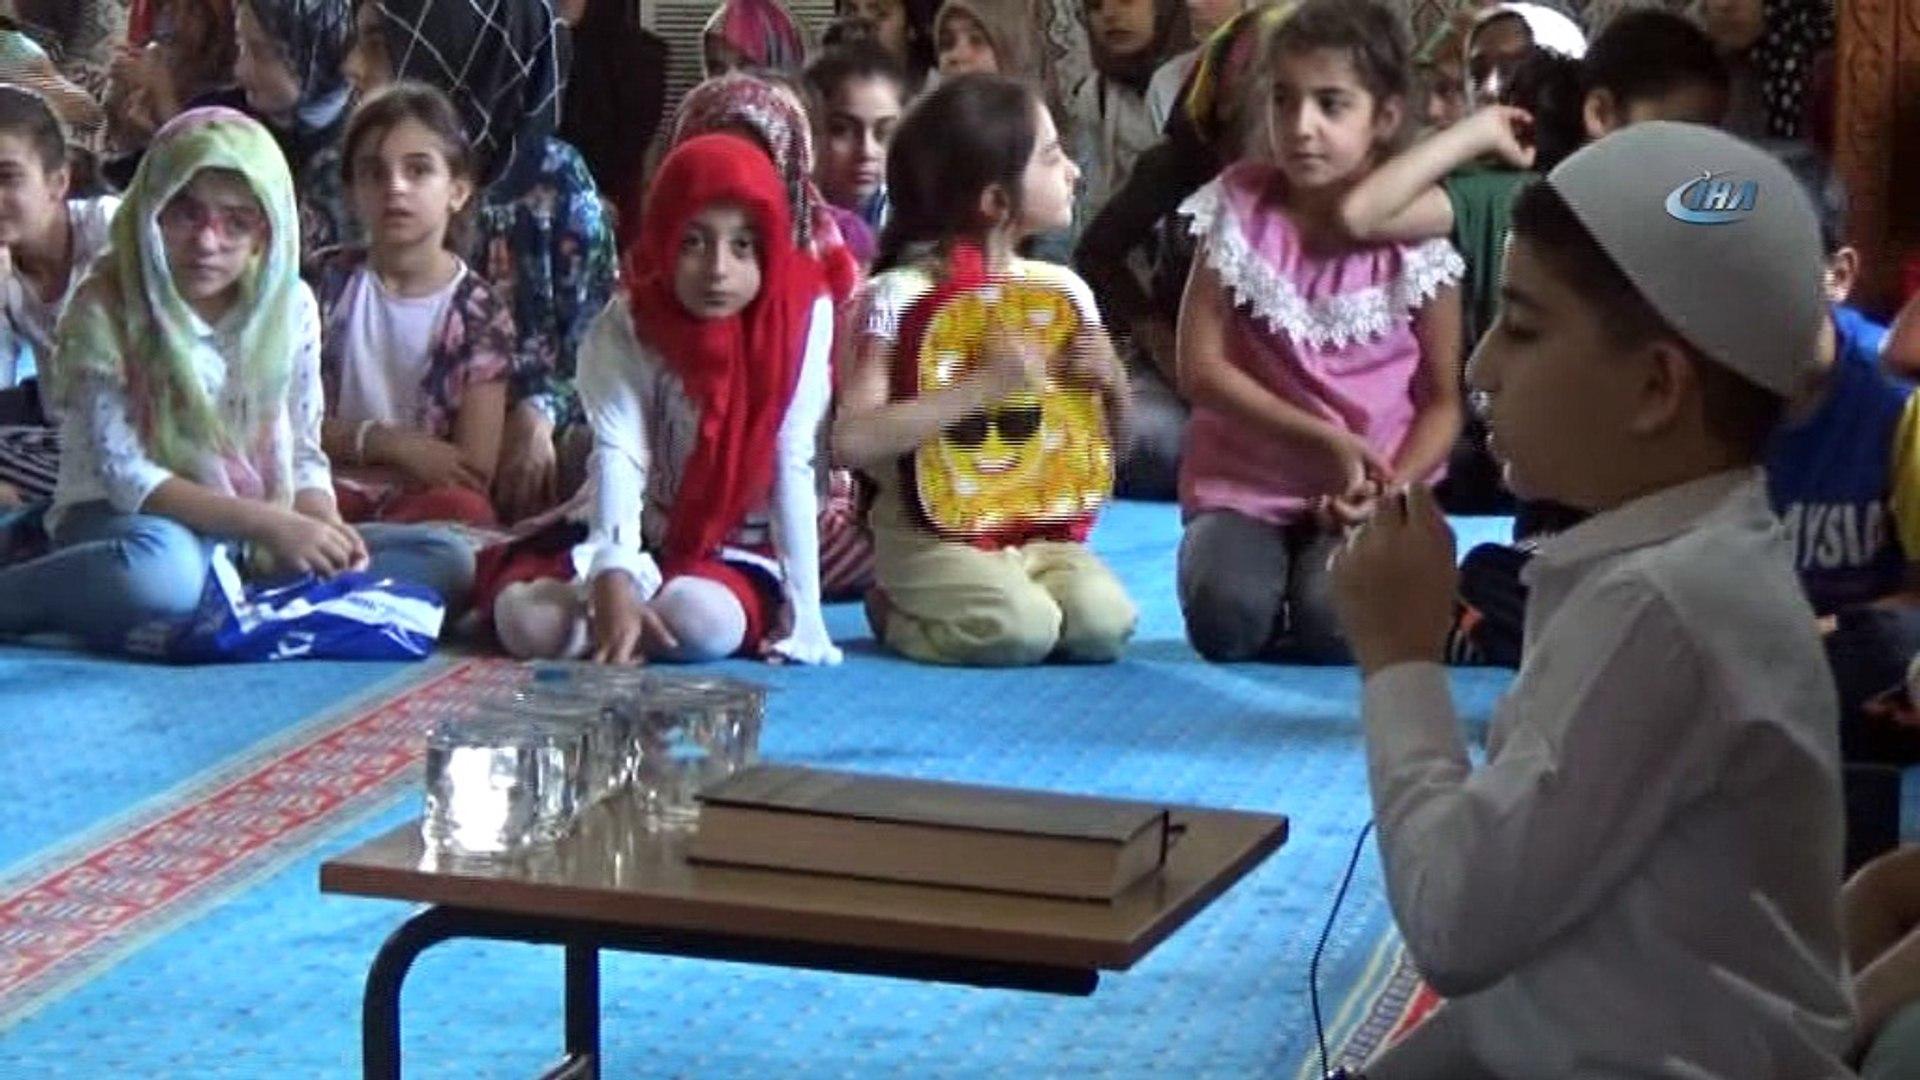 Kuran kursu öğrencileri, 15 Temmuz Şehitleri için dua etti